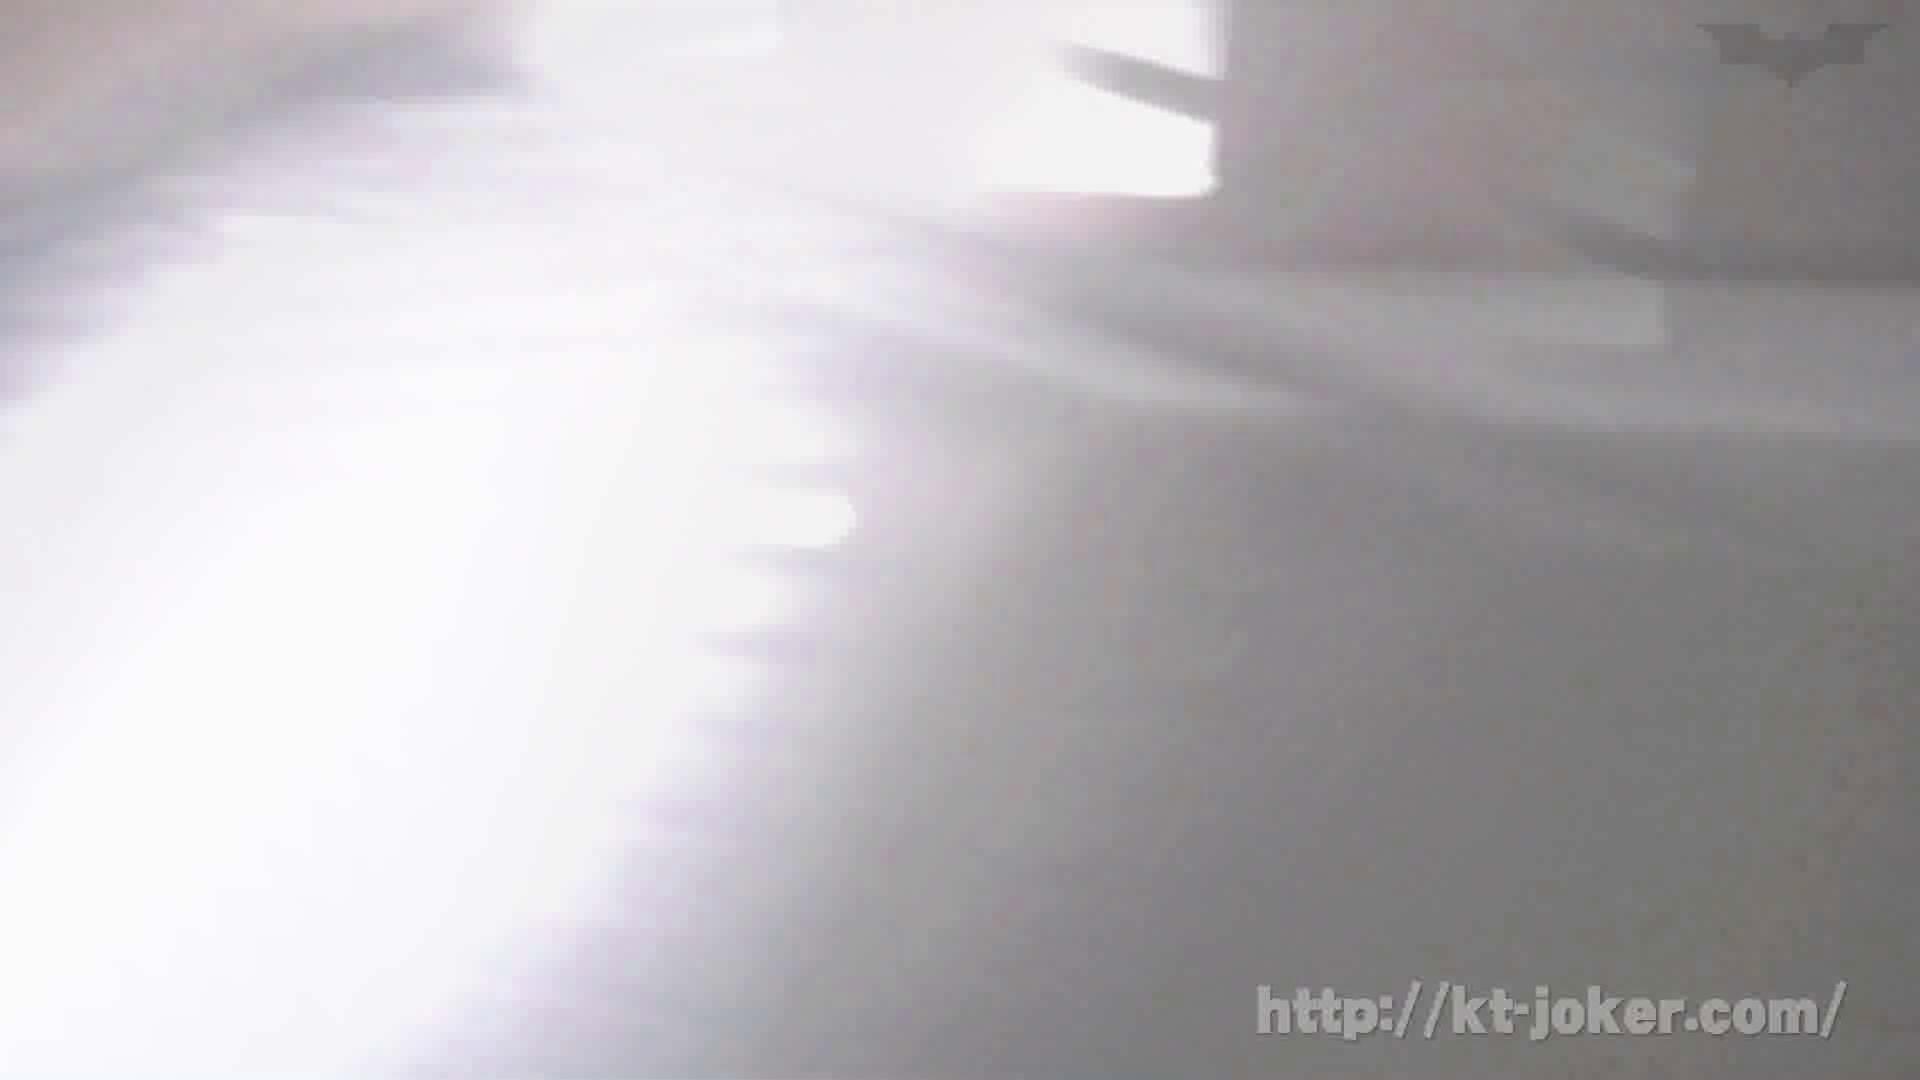 命がけ潜伏洗面所! vol.68 レベルアップ!! 洗面所 性交動画流出 81連発 17